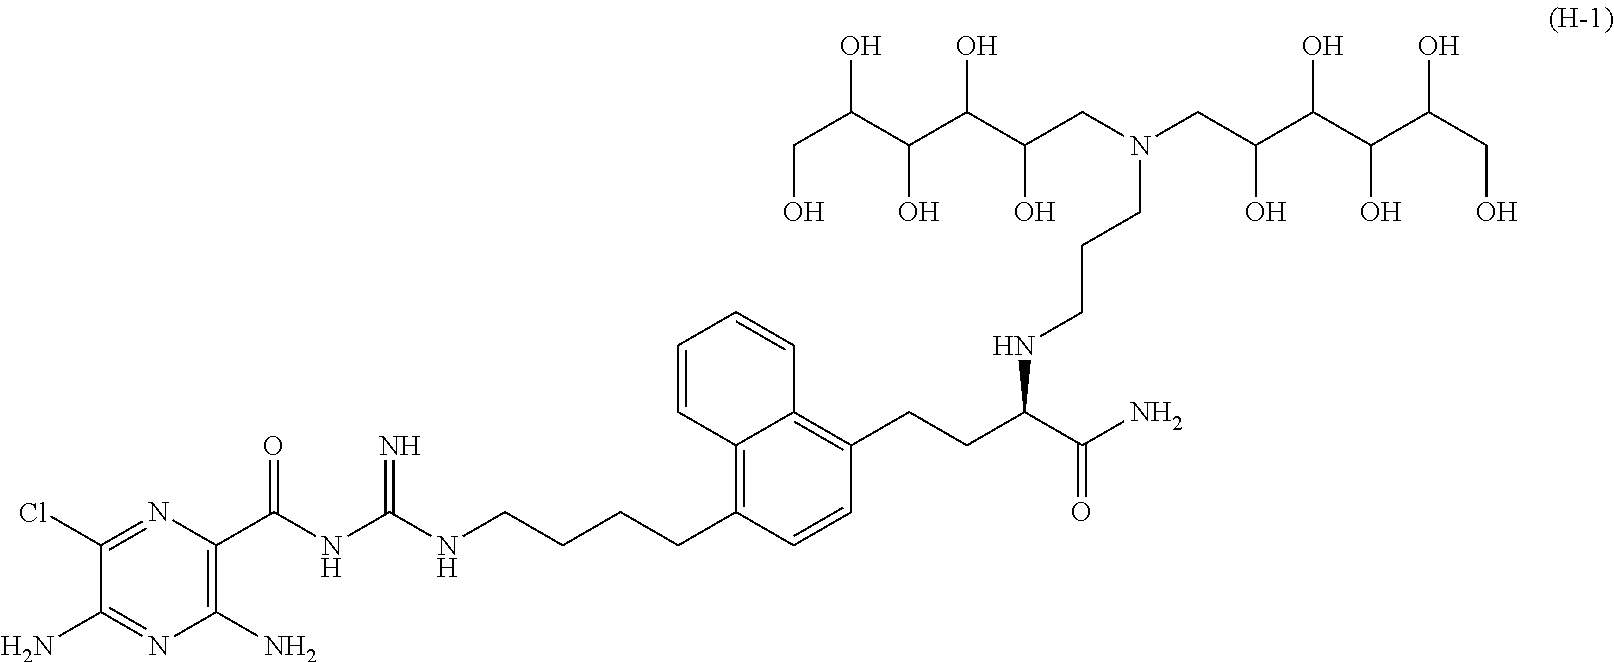 Figure US09695134-20170704-C00018